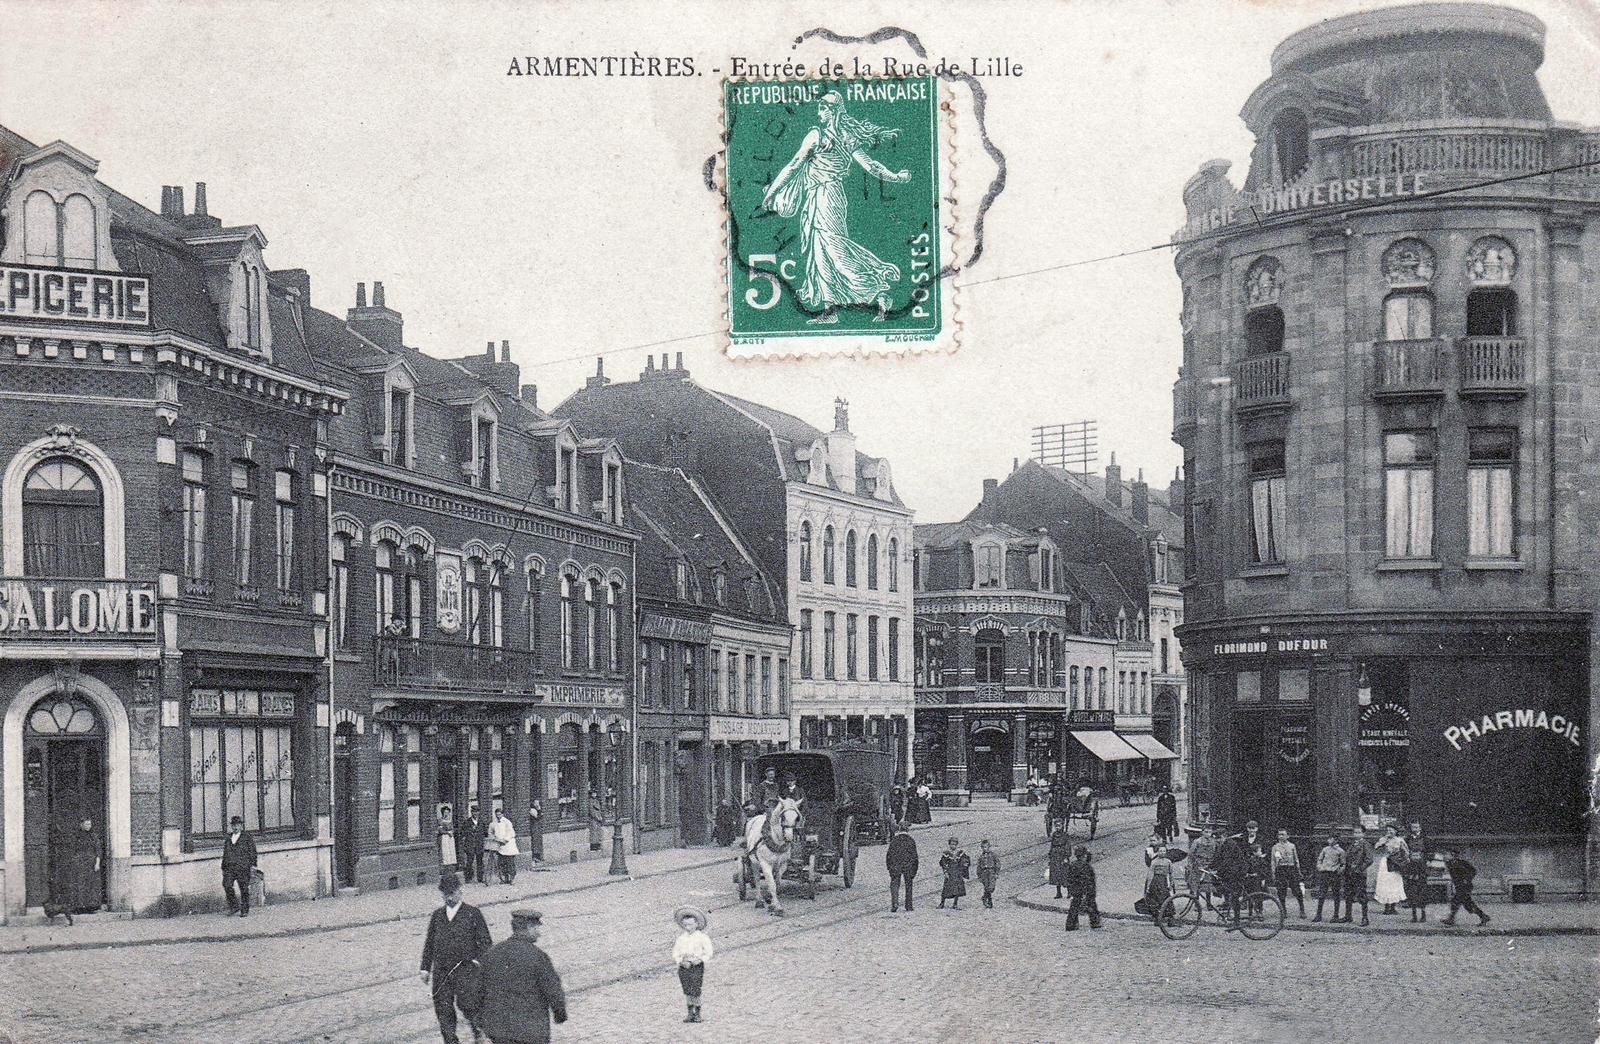 Armentières -  Entrée de la rue de Lille